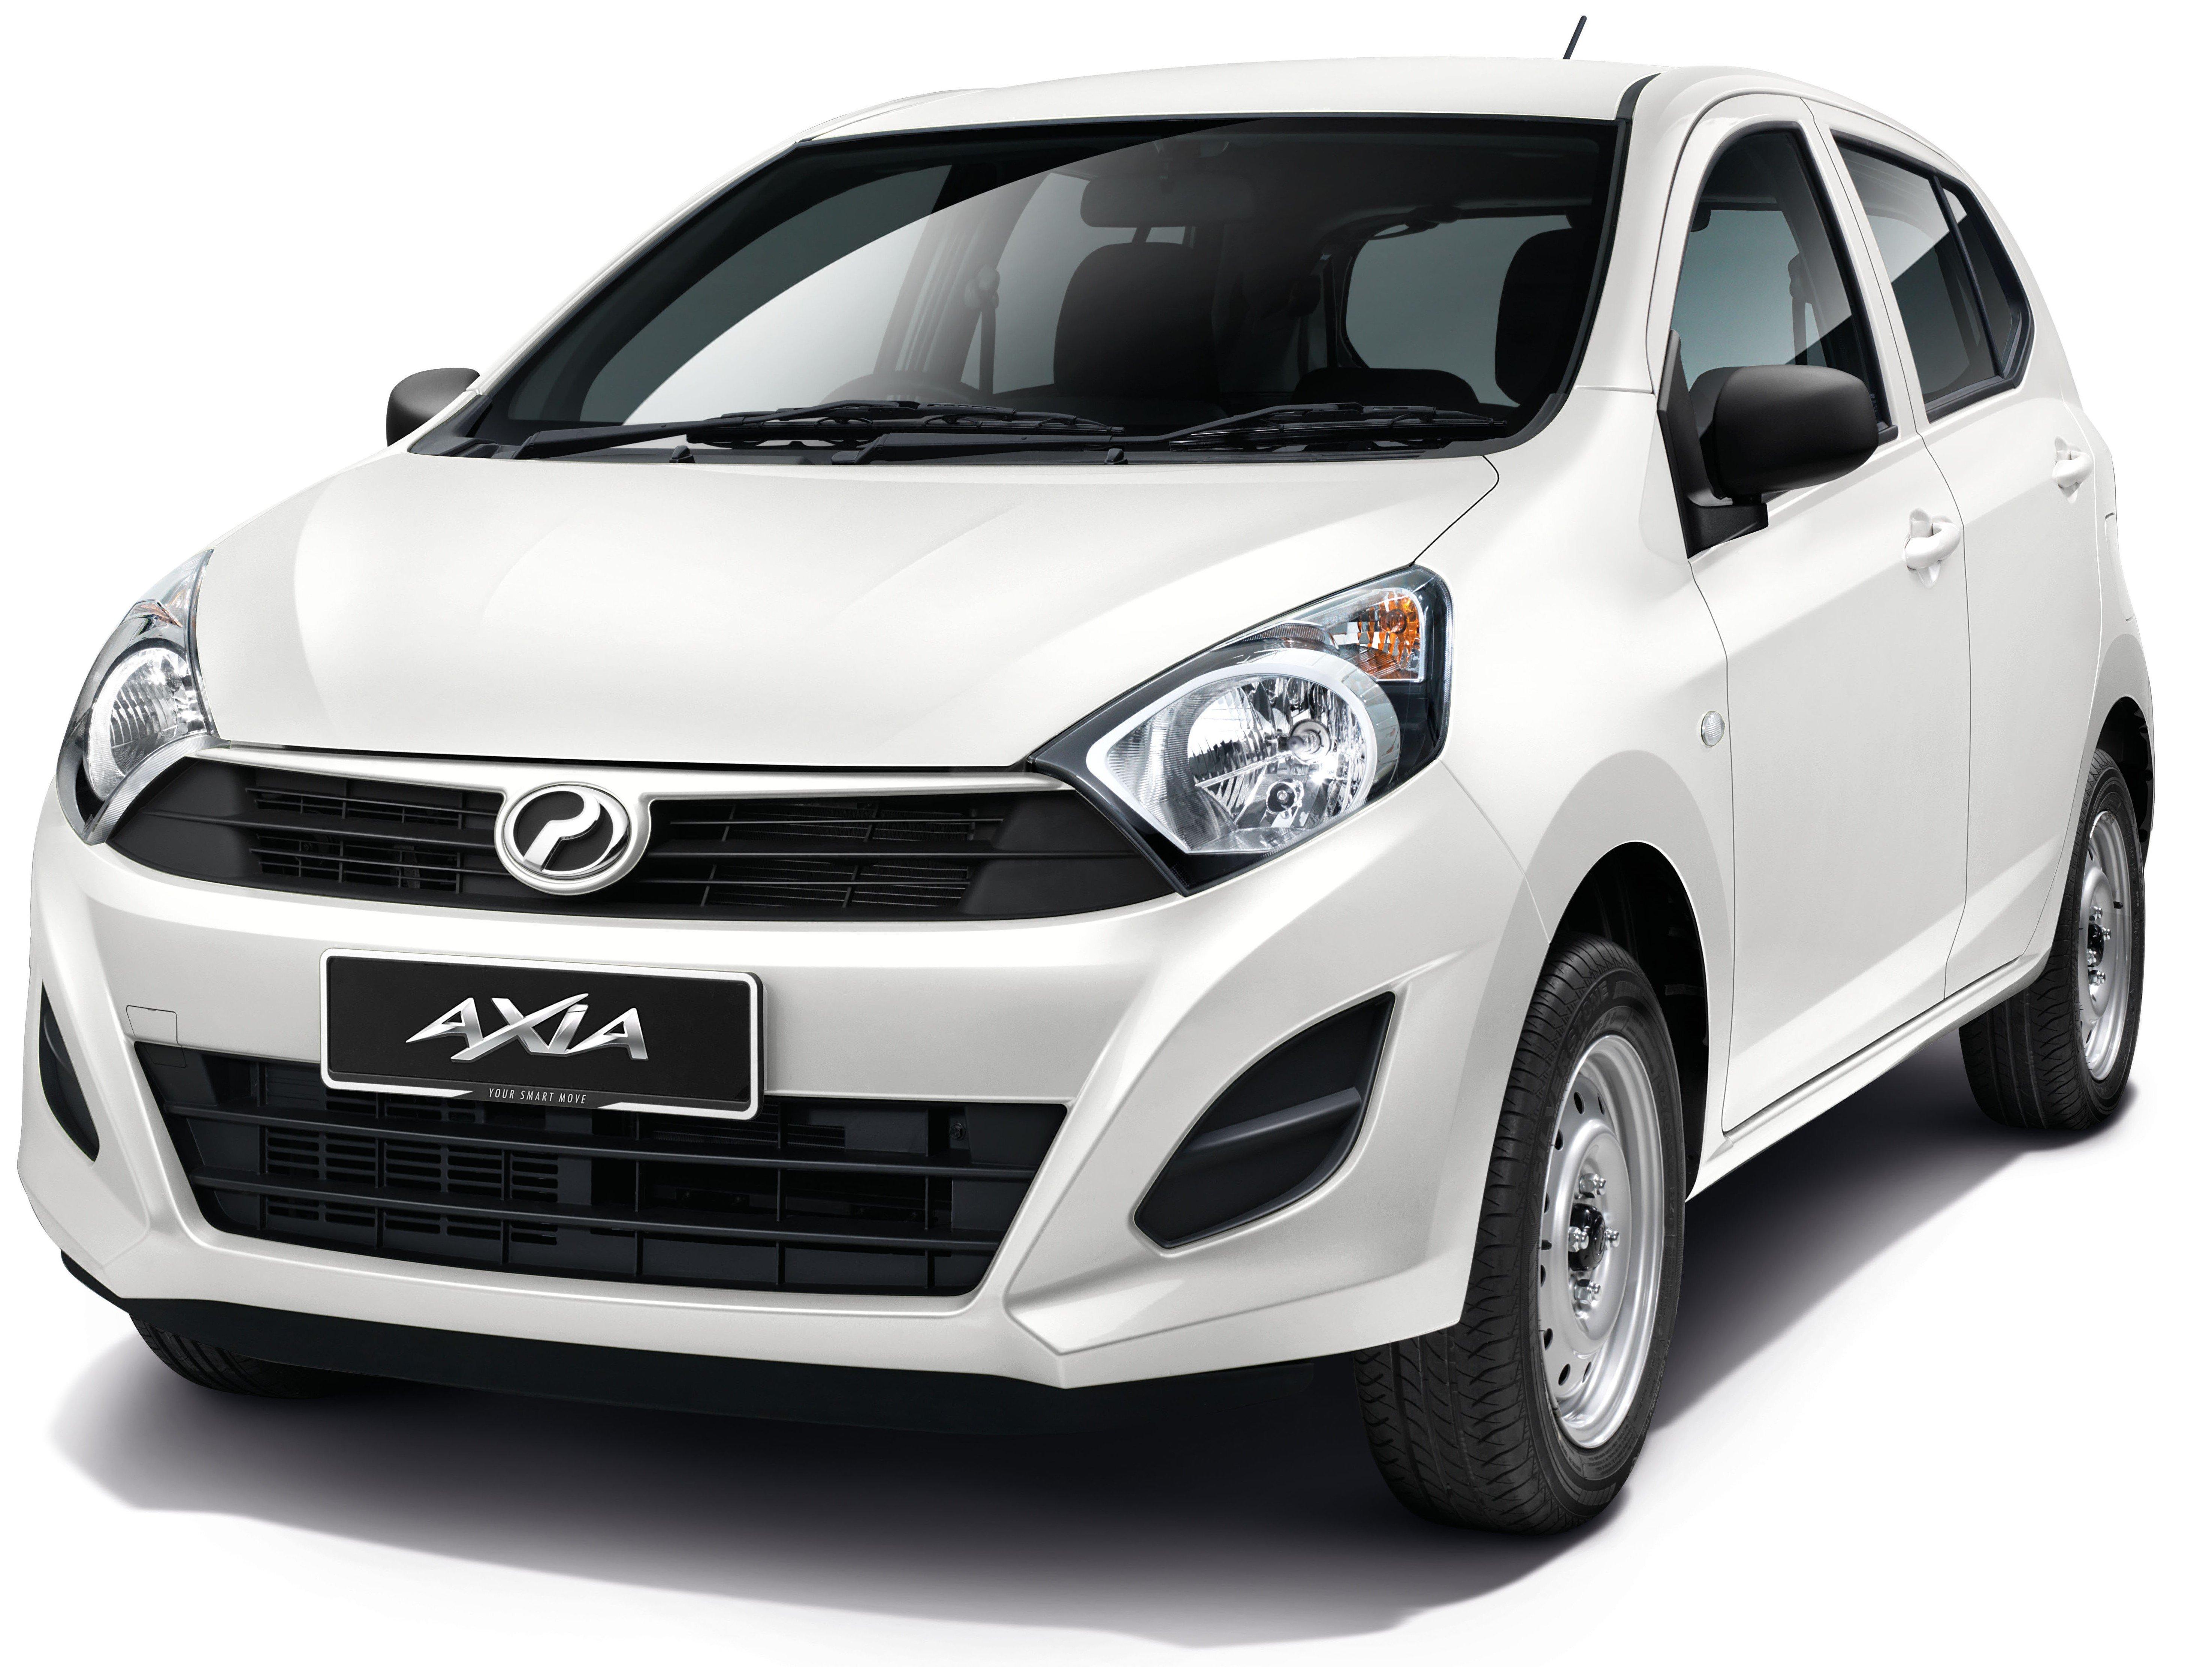 Perodua Axia E - deliveries to driving schools begin